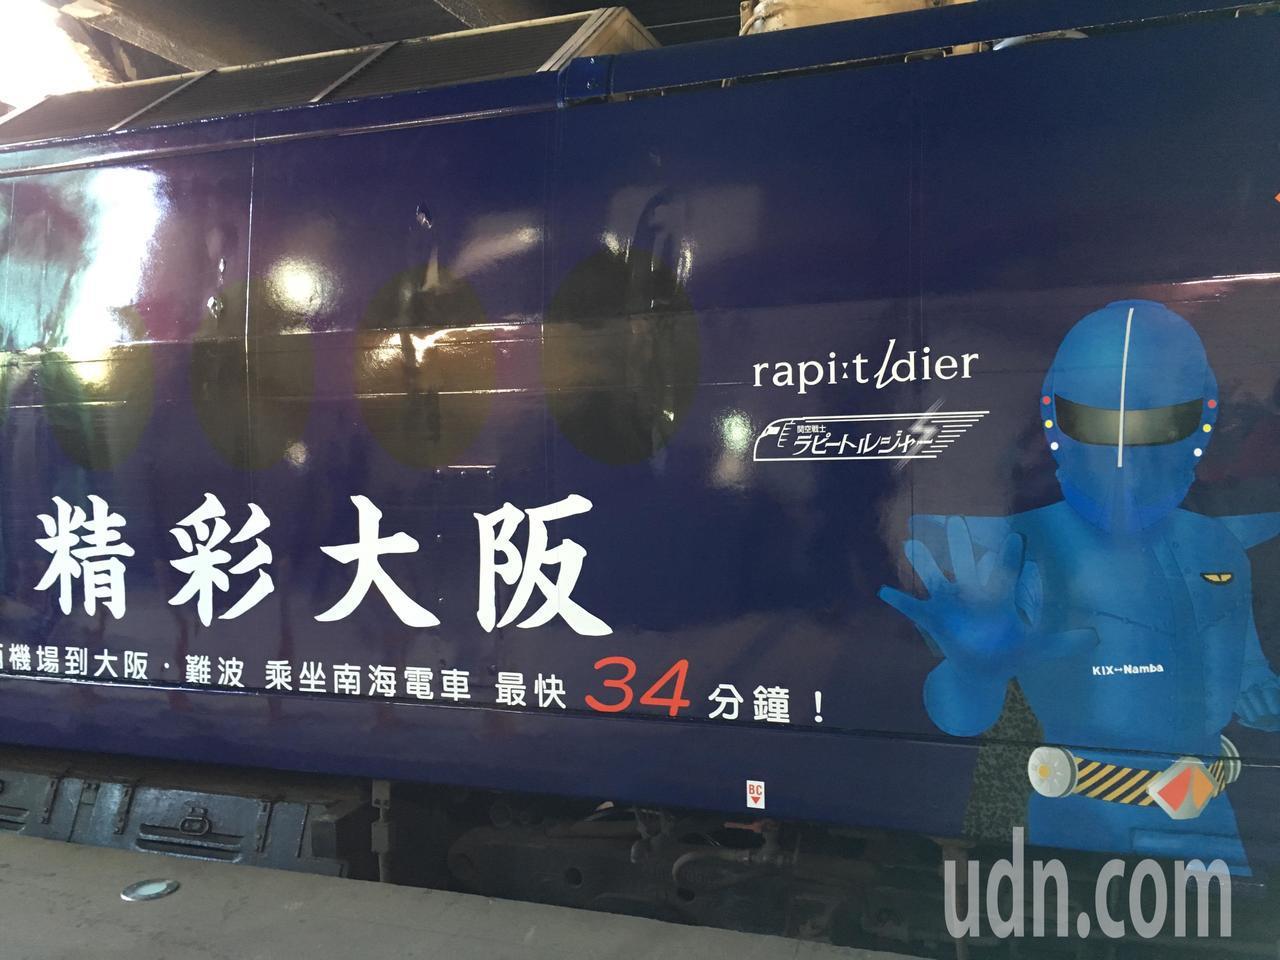 日本南海電鐵與台鐵合作,推出彩繪列車「藍武士號」。記者吳姿賢/攝影